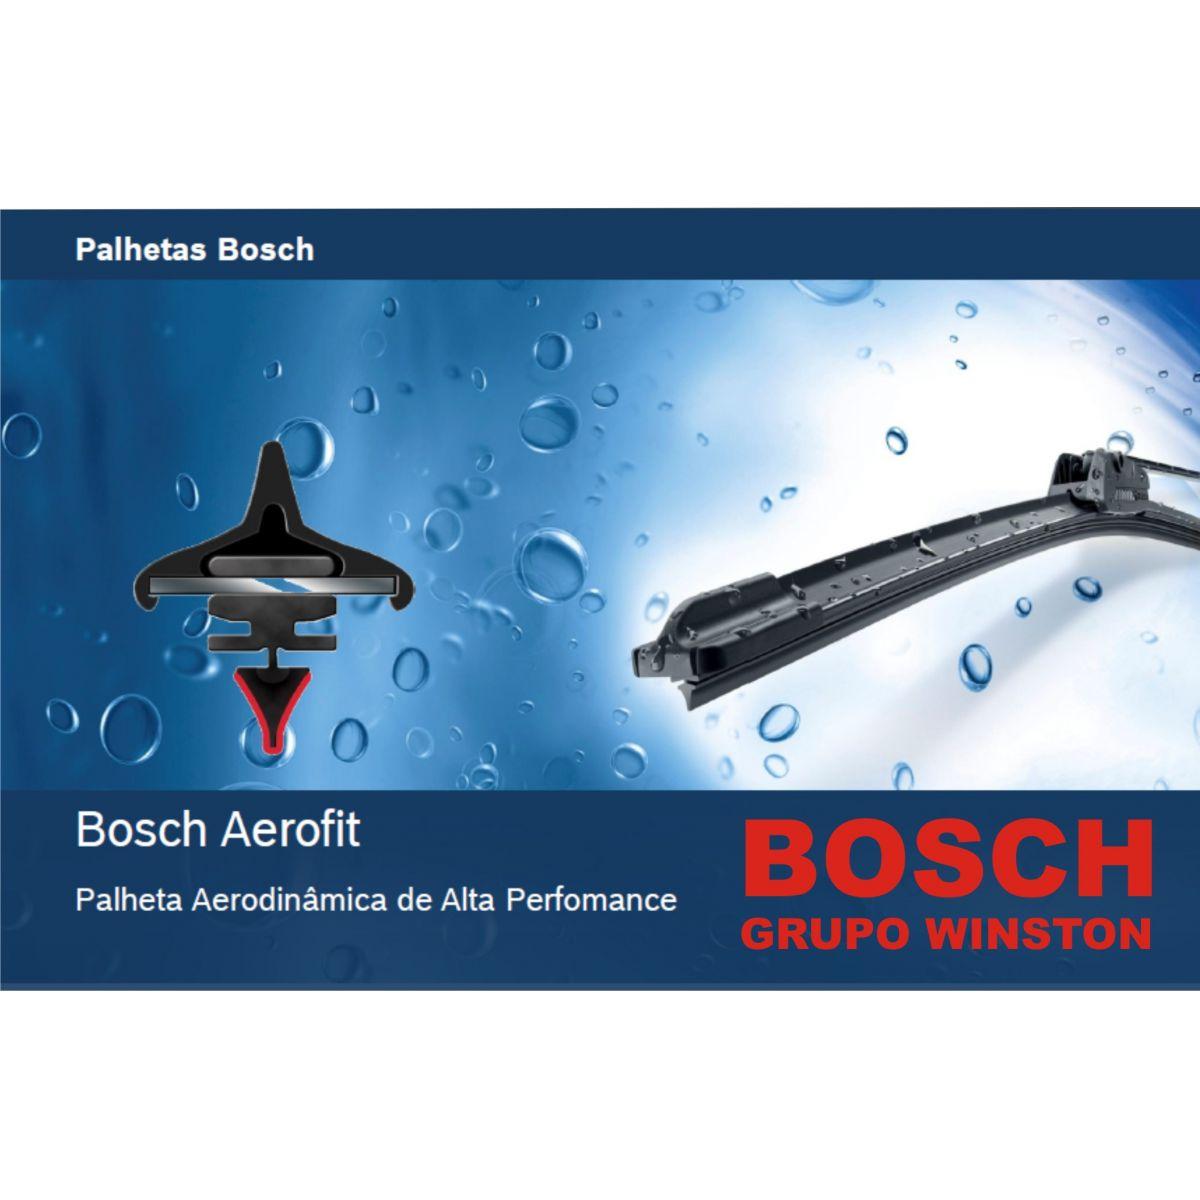 Palheta Bosch Aerofit Limpador de para brisa Bosch FIAT Elba Elba SPI/MPI Fiorino Furgão/Pick-up Prêmio/Duna Uno/Mille